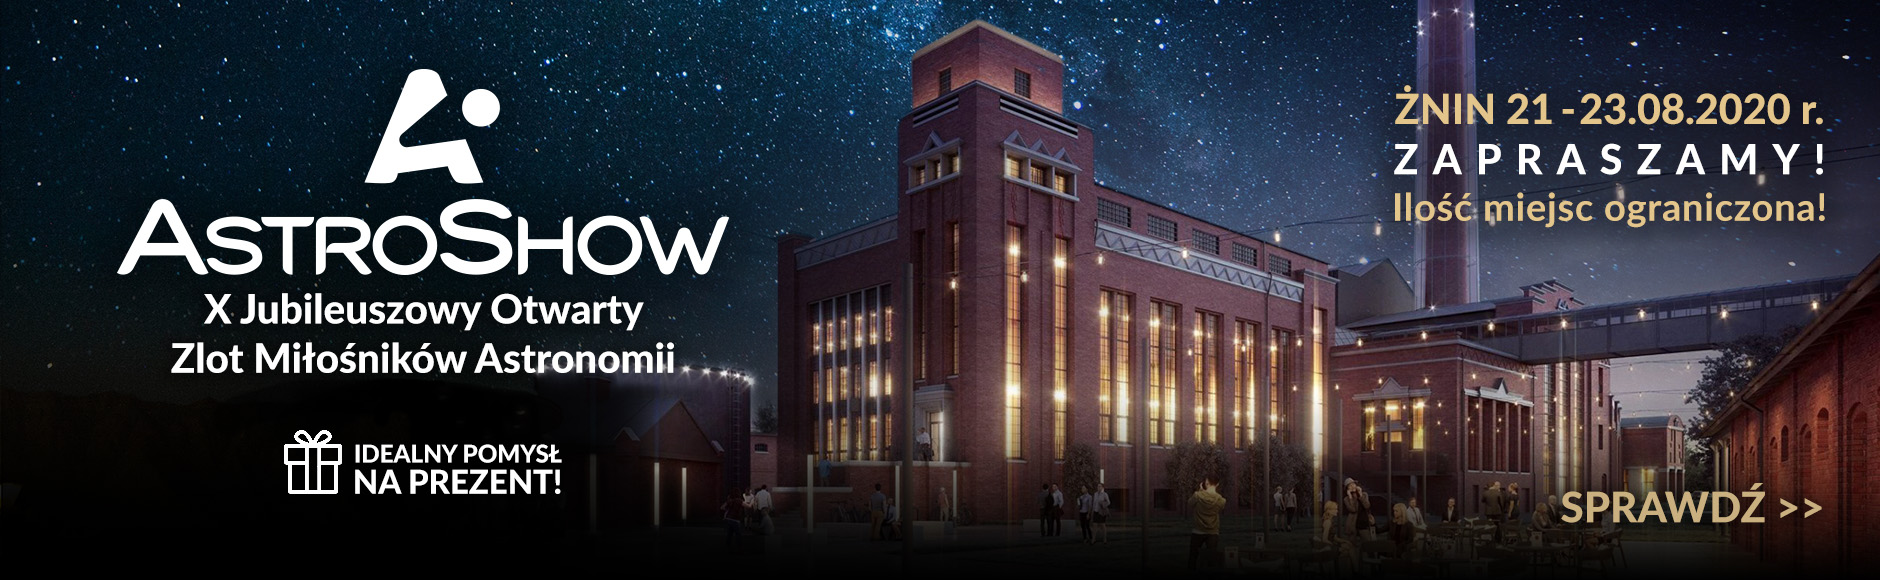 Astroshow 2020